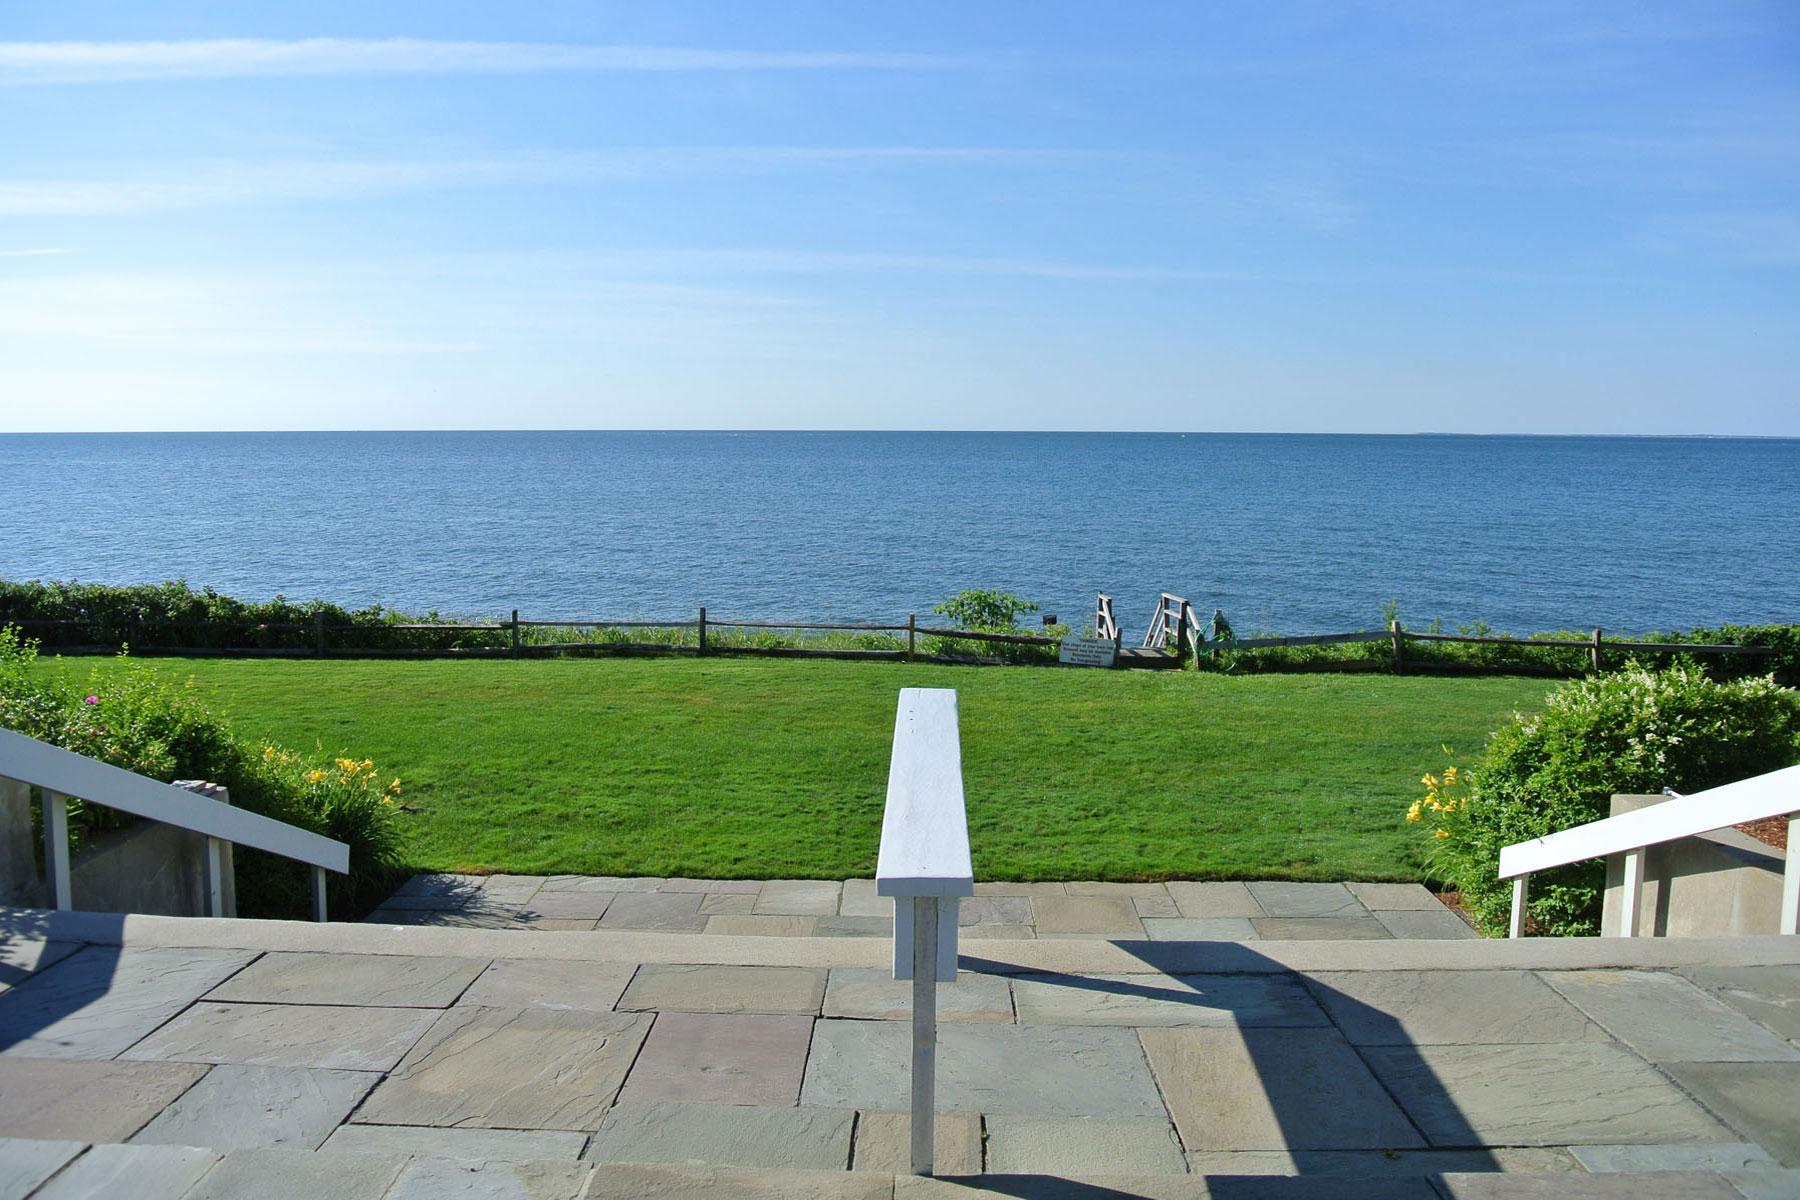 Condominium for Sale at OCEAN VIEW CONDOMINIUM TRI-LEVEL UNIT 94 Shore Drive West 4112 New Seabury, Massachusetts 02649 United States